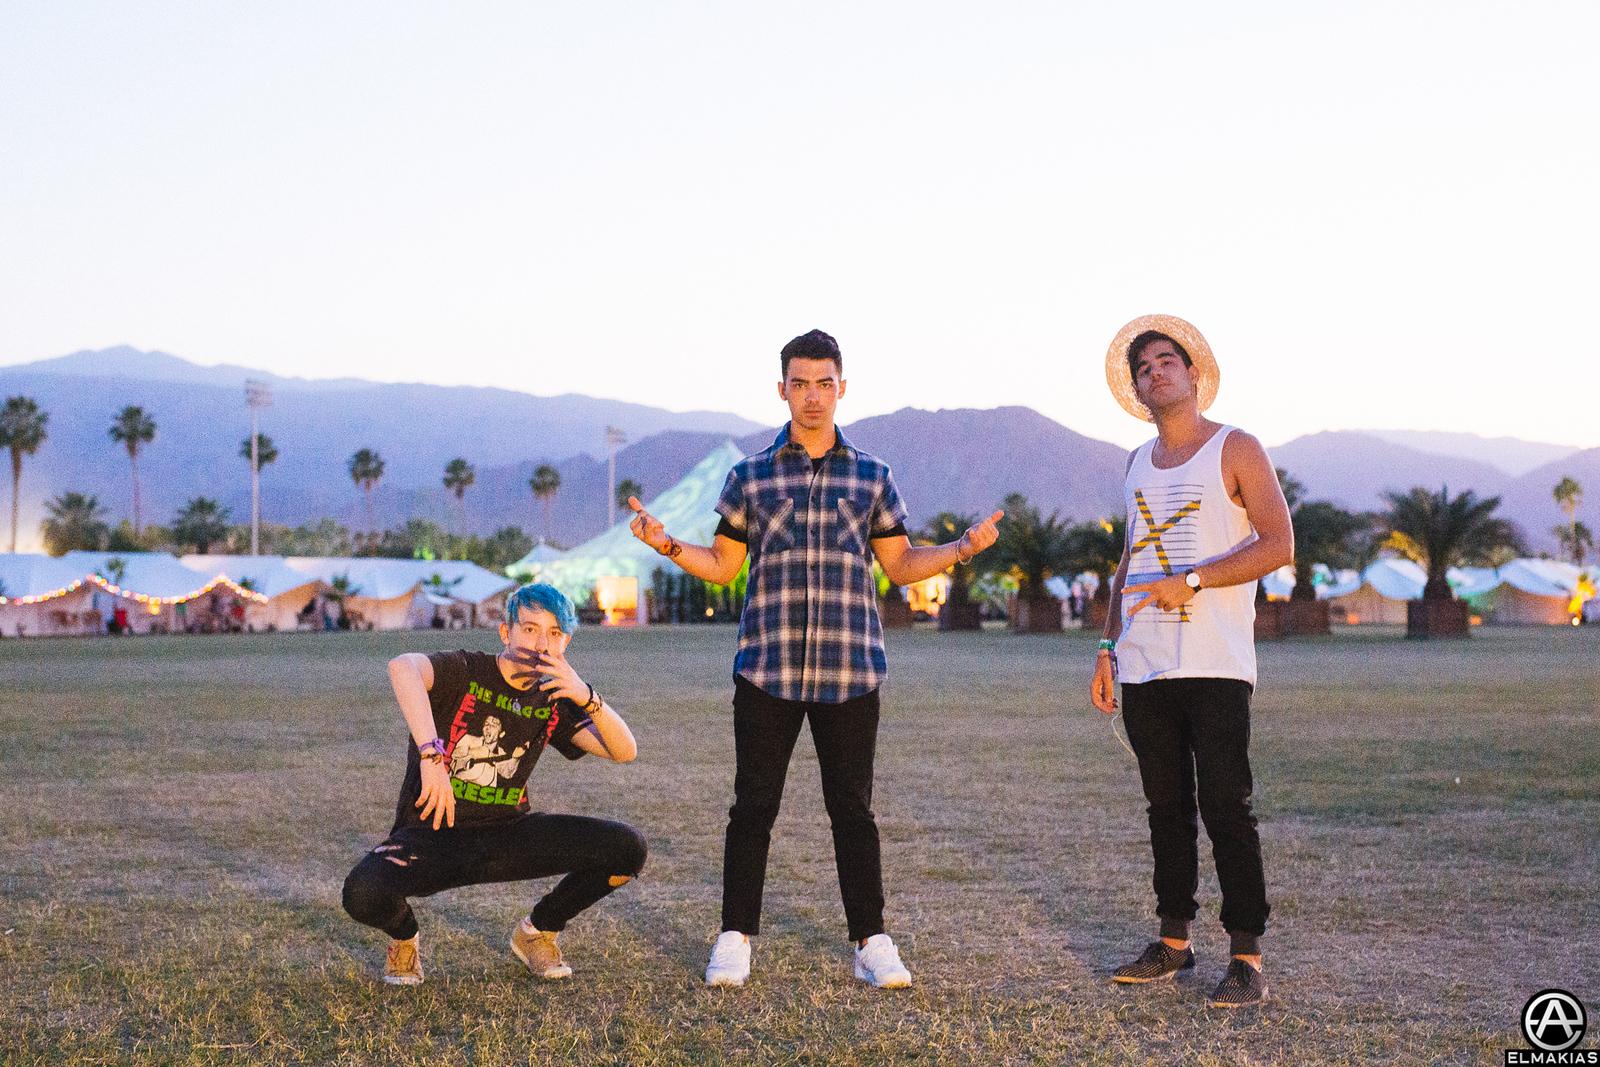 Frankie, Joe, and Mike